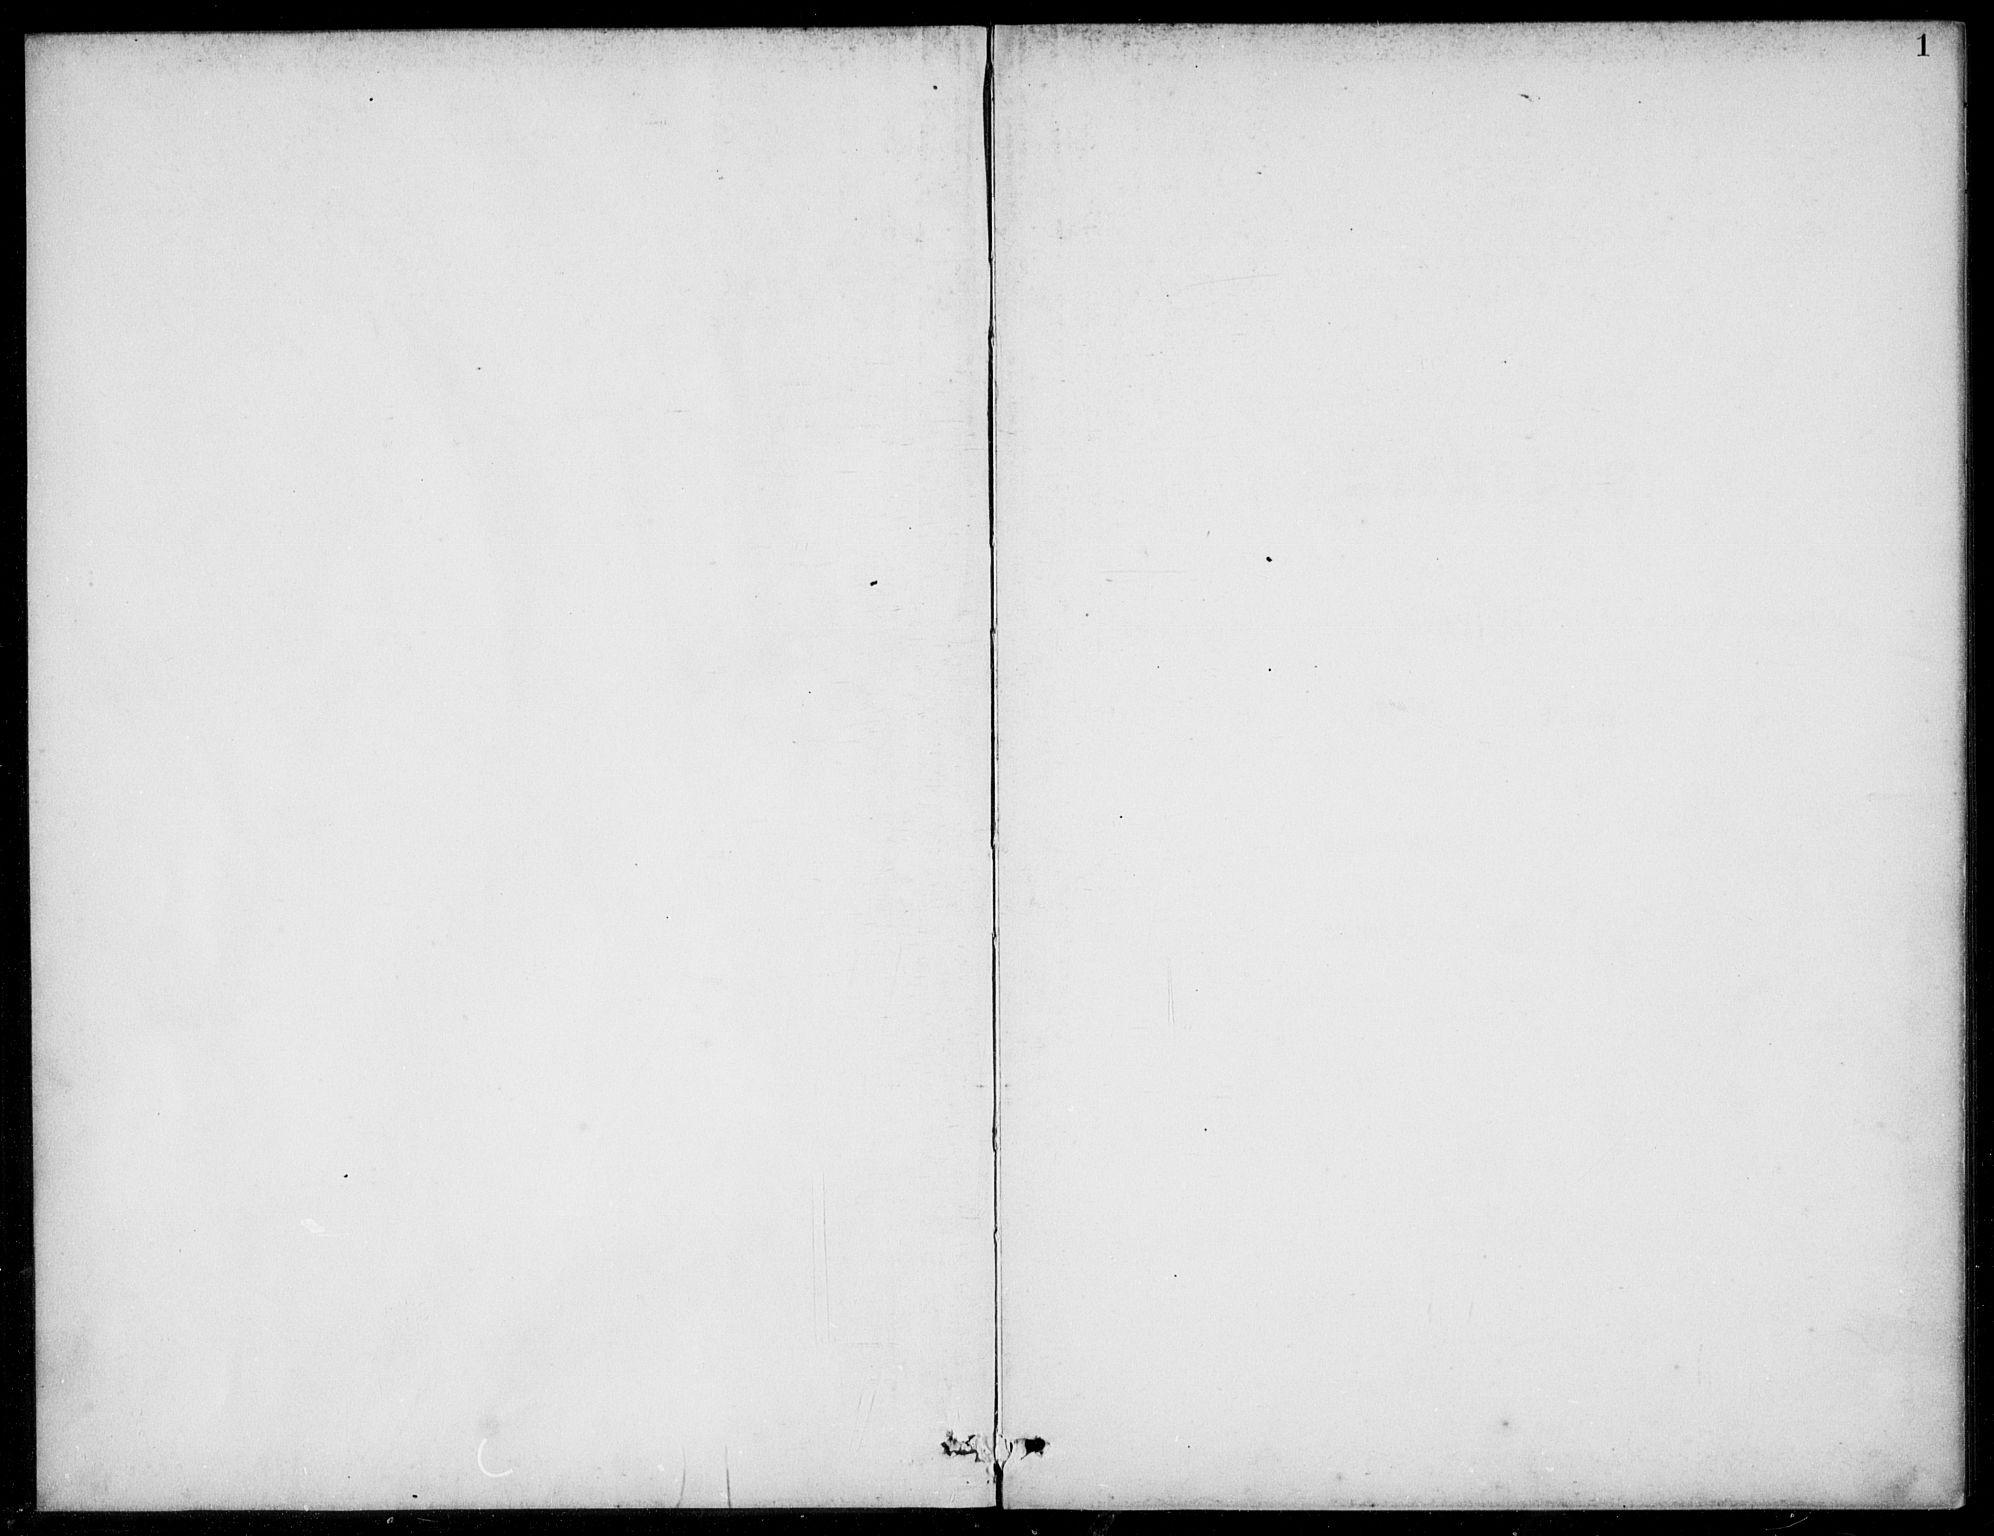 SAB, Den Norske Sjømannsmisjon i utlandet*, Ministerialbok nr. A 2, 1883-1936, s. 1